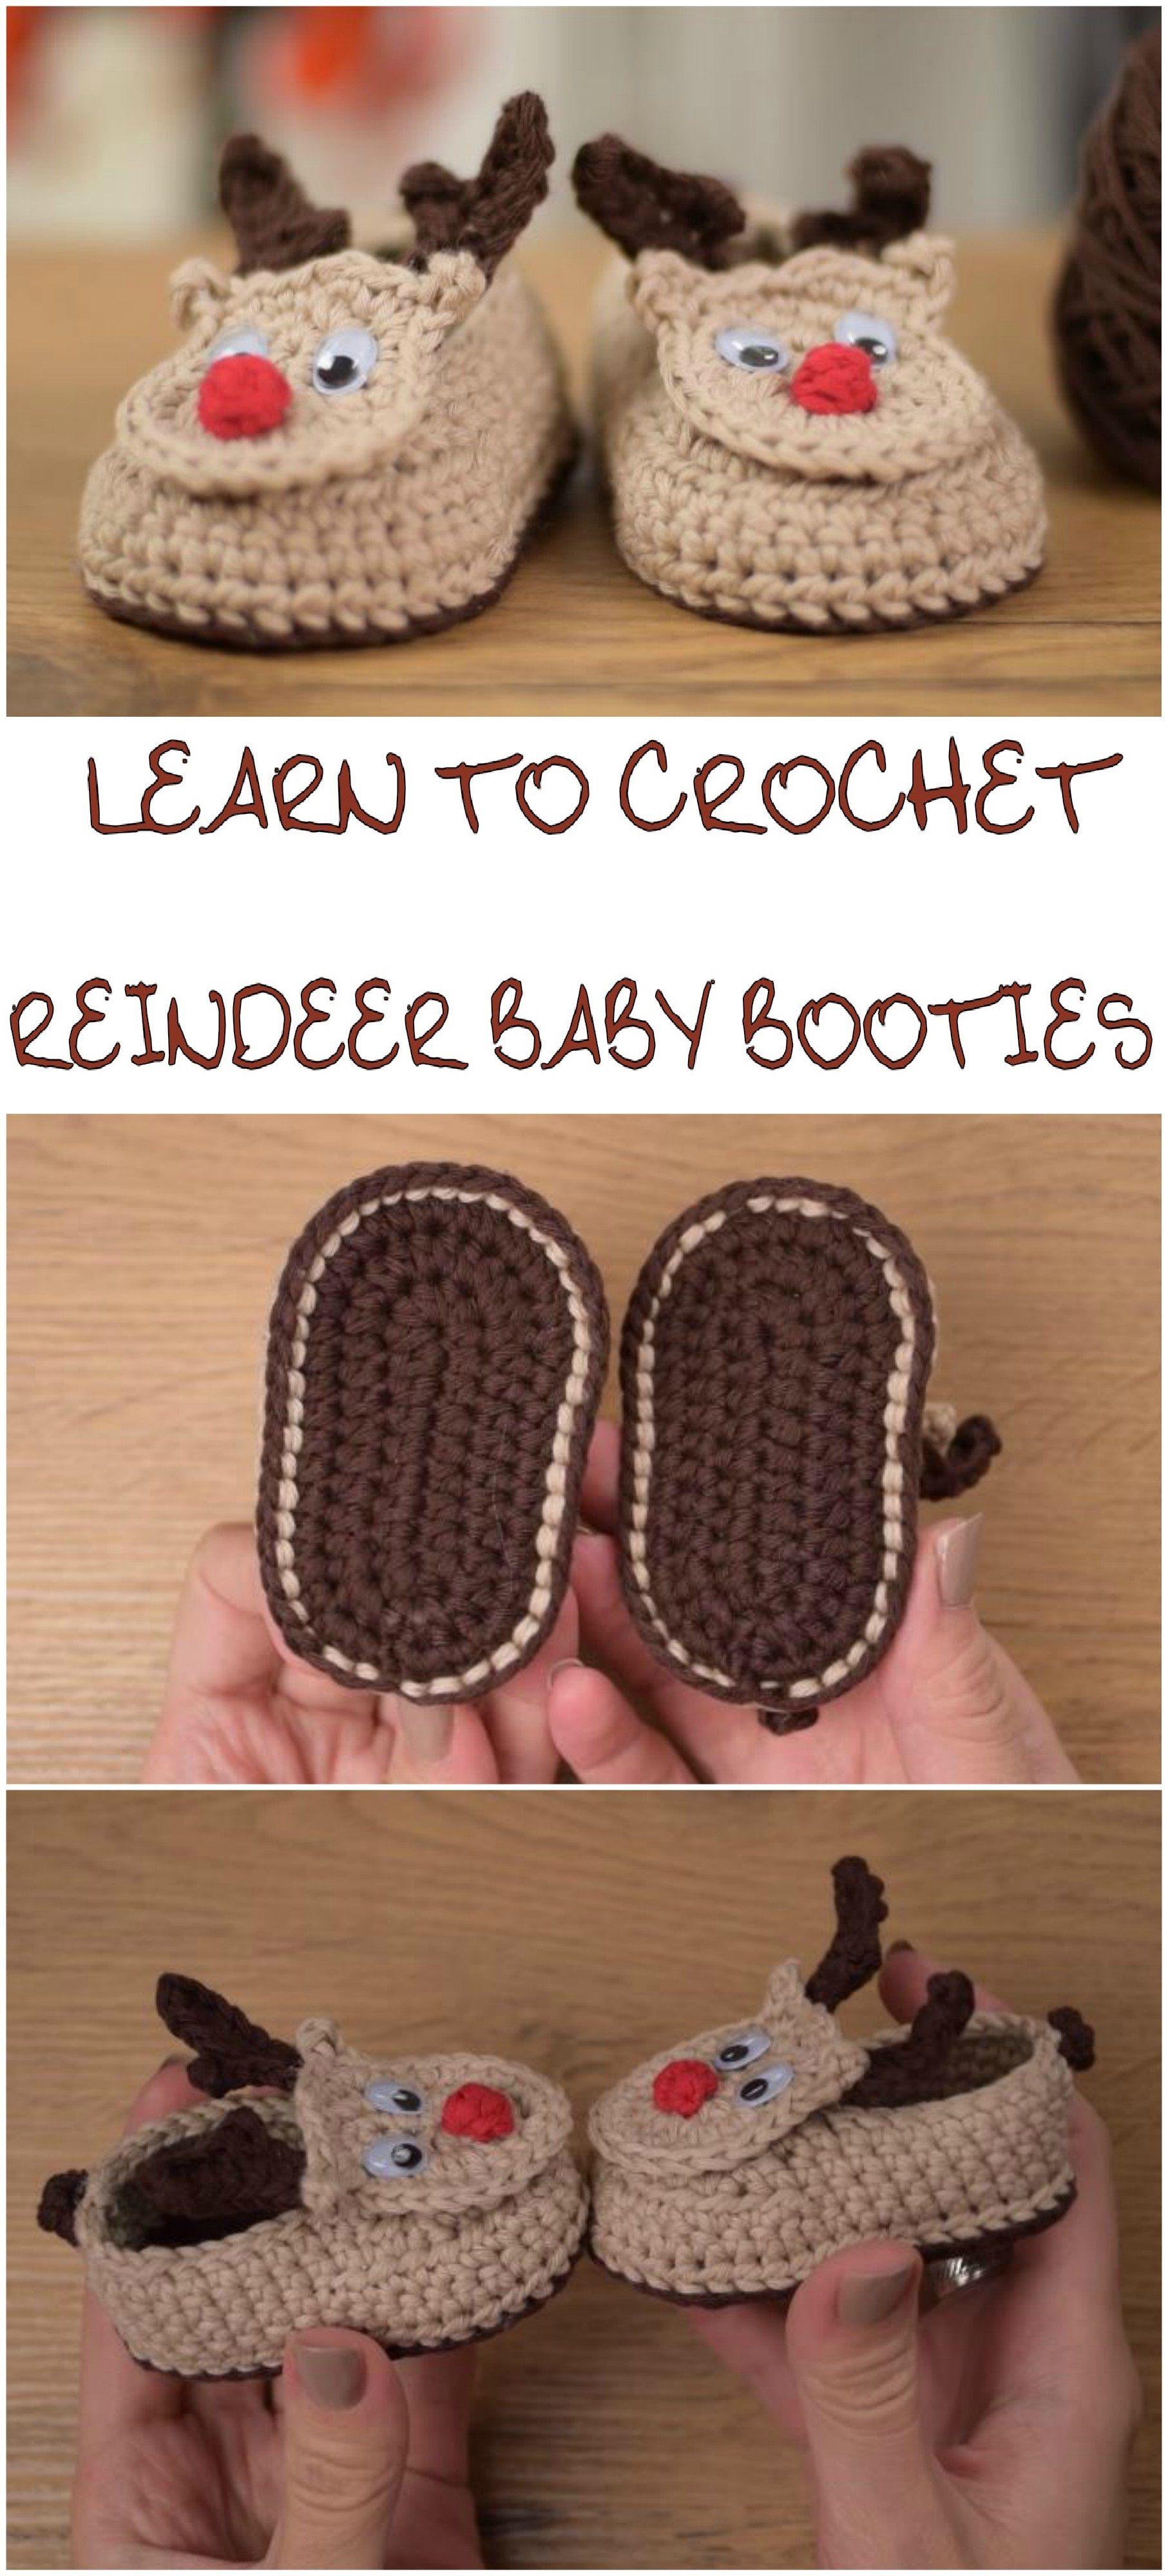 Crocher Reindeer Baby Booties | CrochetHolic - HilariaFina ...